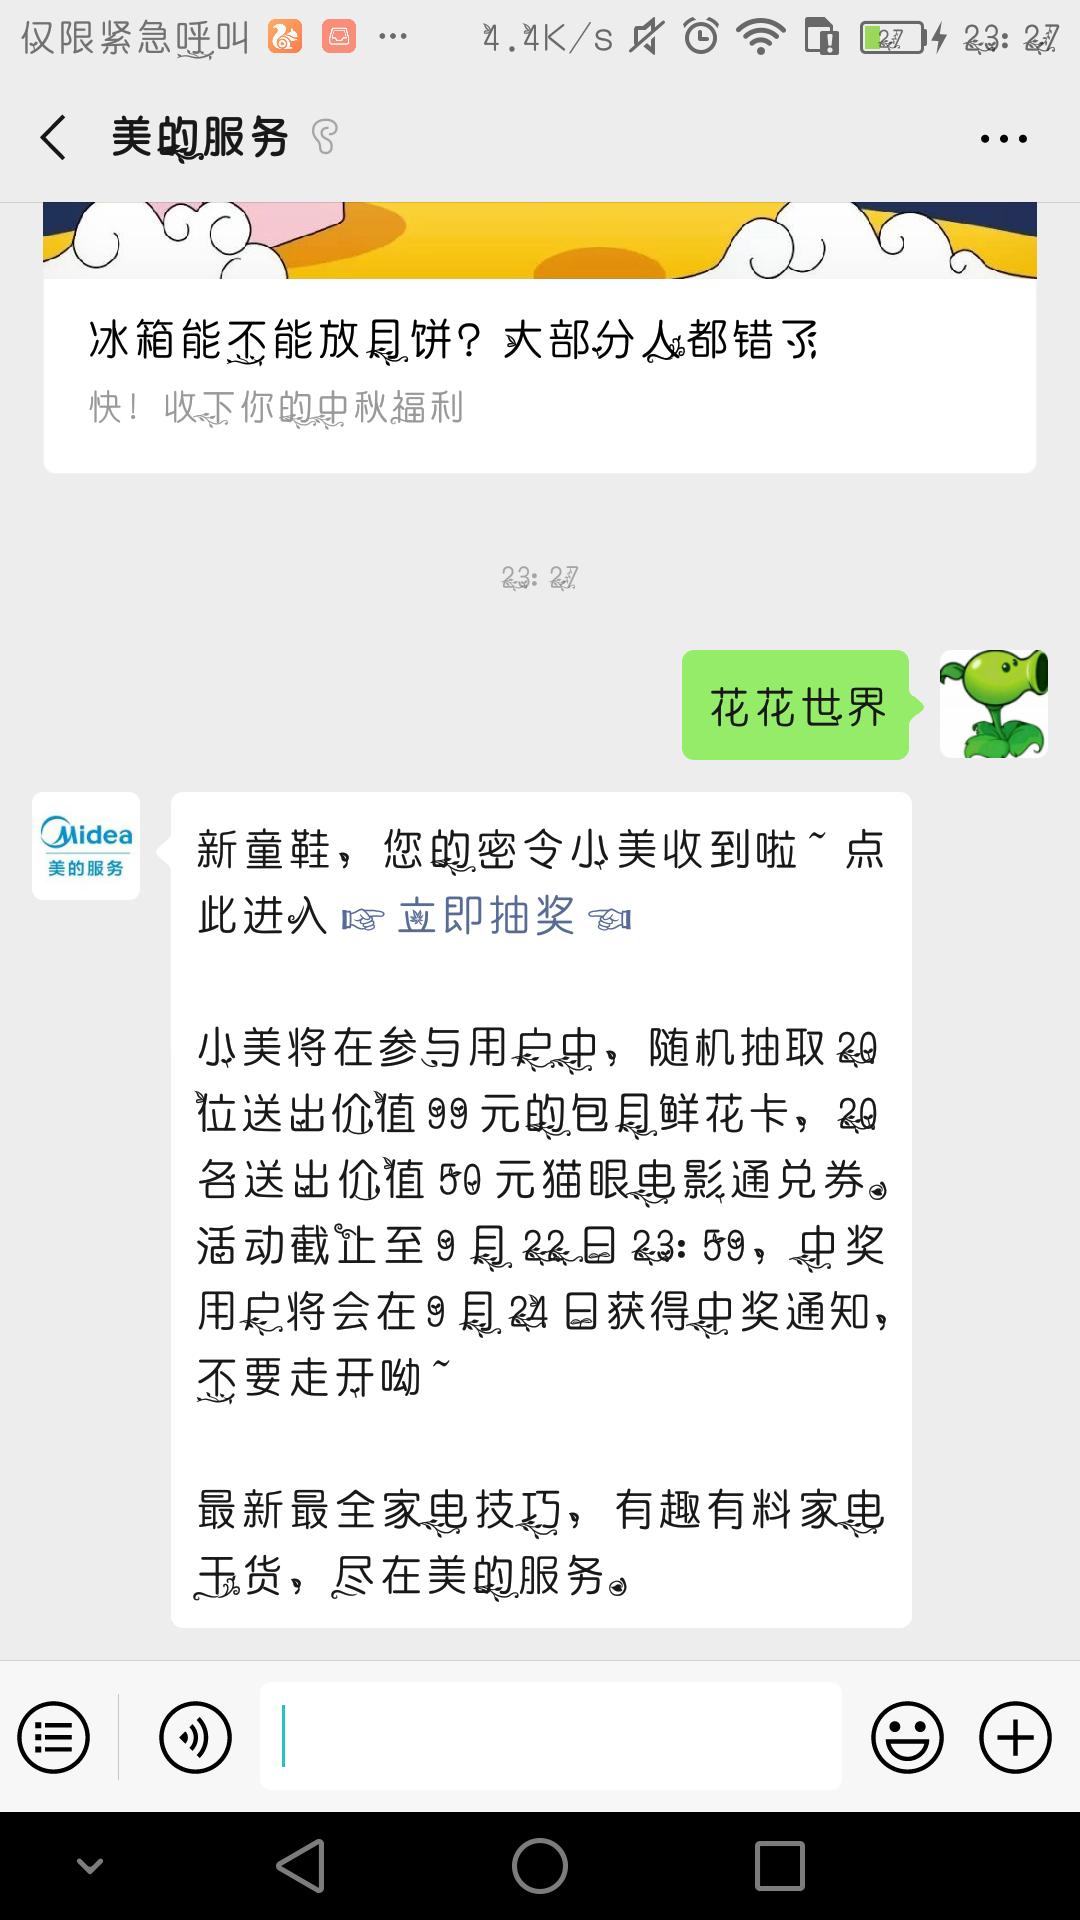 【现金红包】关注美的服务回复抽奖!-100tui.cn